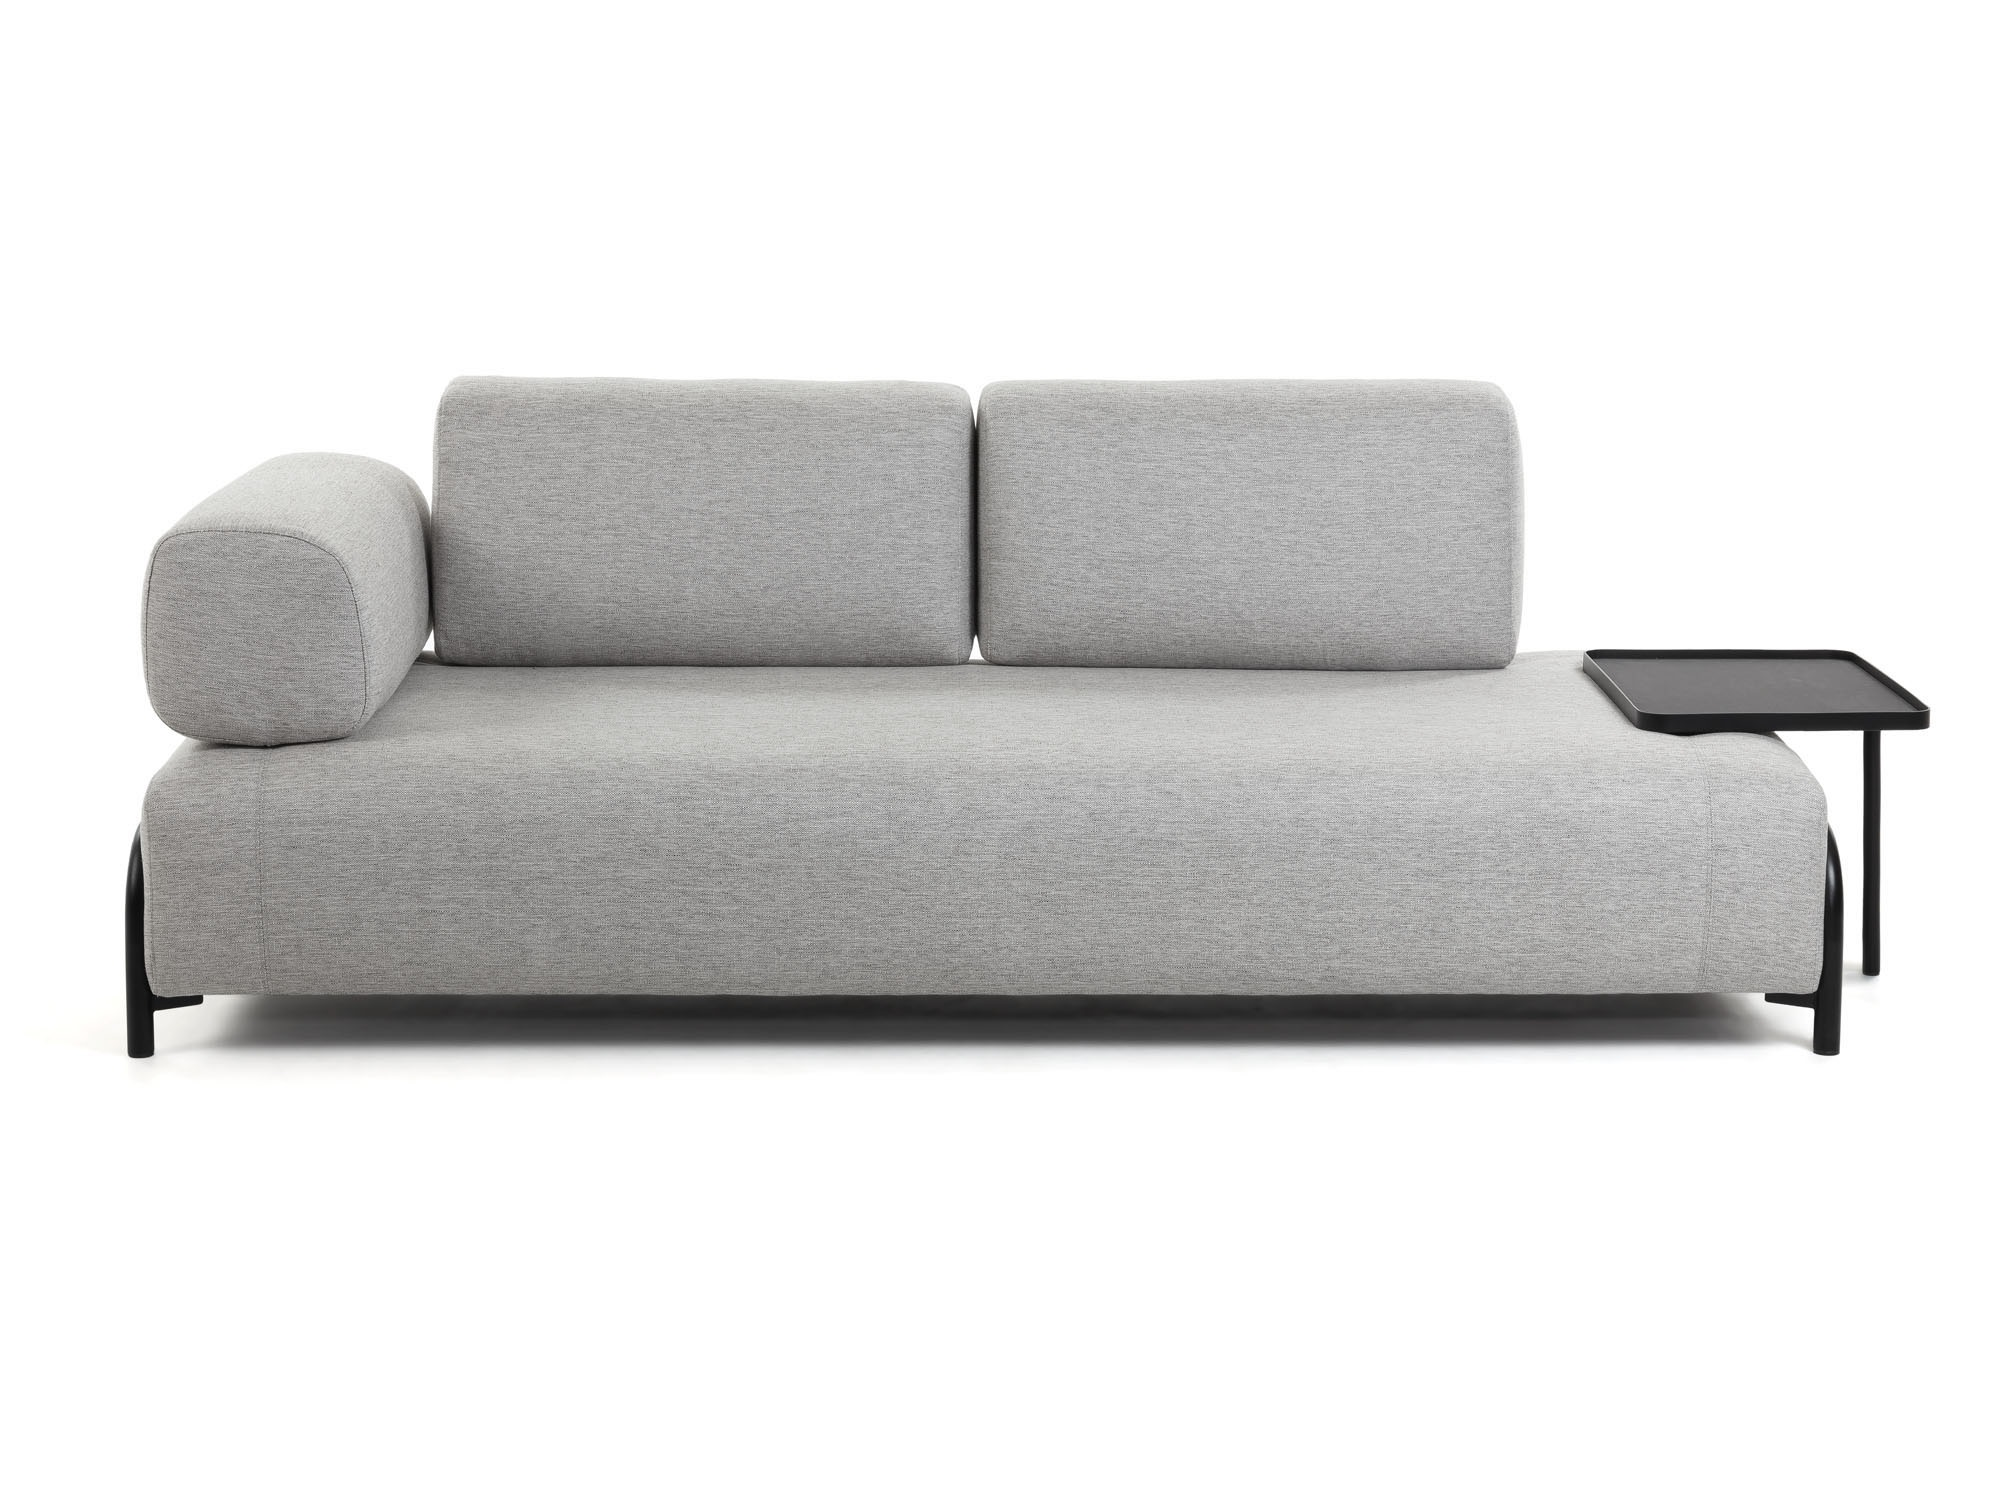 La forma трехместный диван с большим подносом compo серый 128449/5